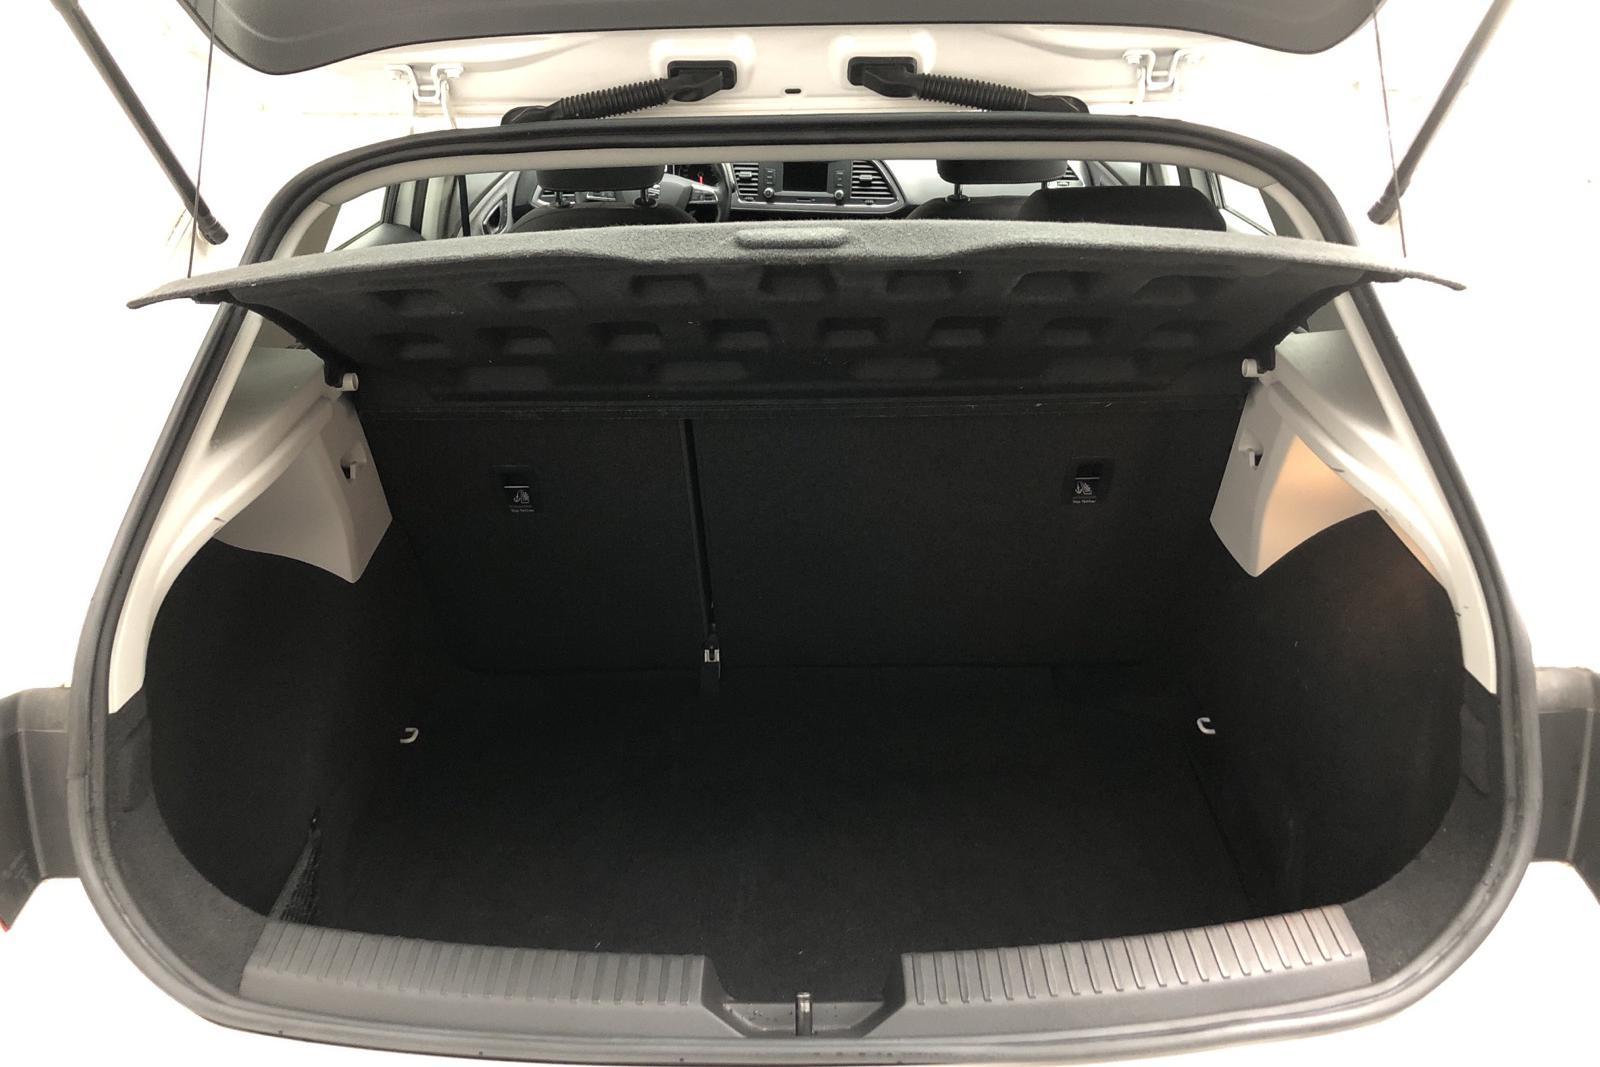 Seat Leon 1.2 TSI 5dr (110hk) - 33 120 km - Manual - white - 2017